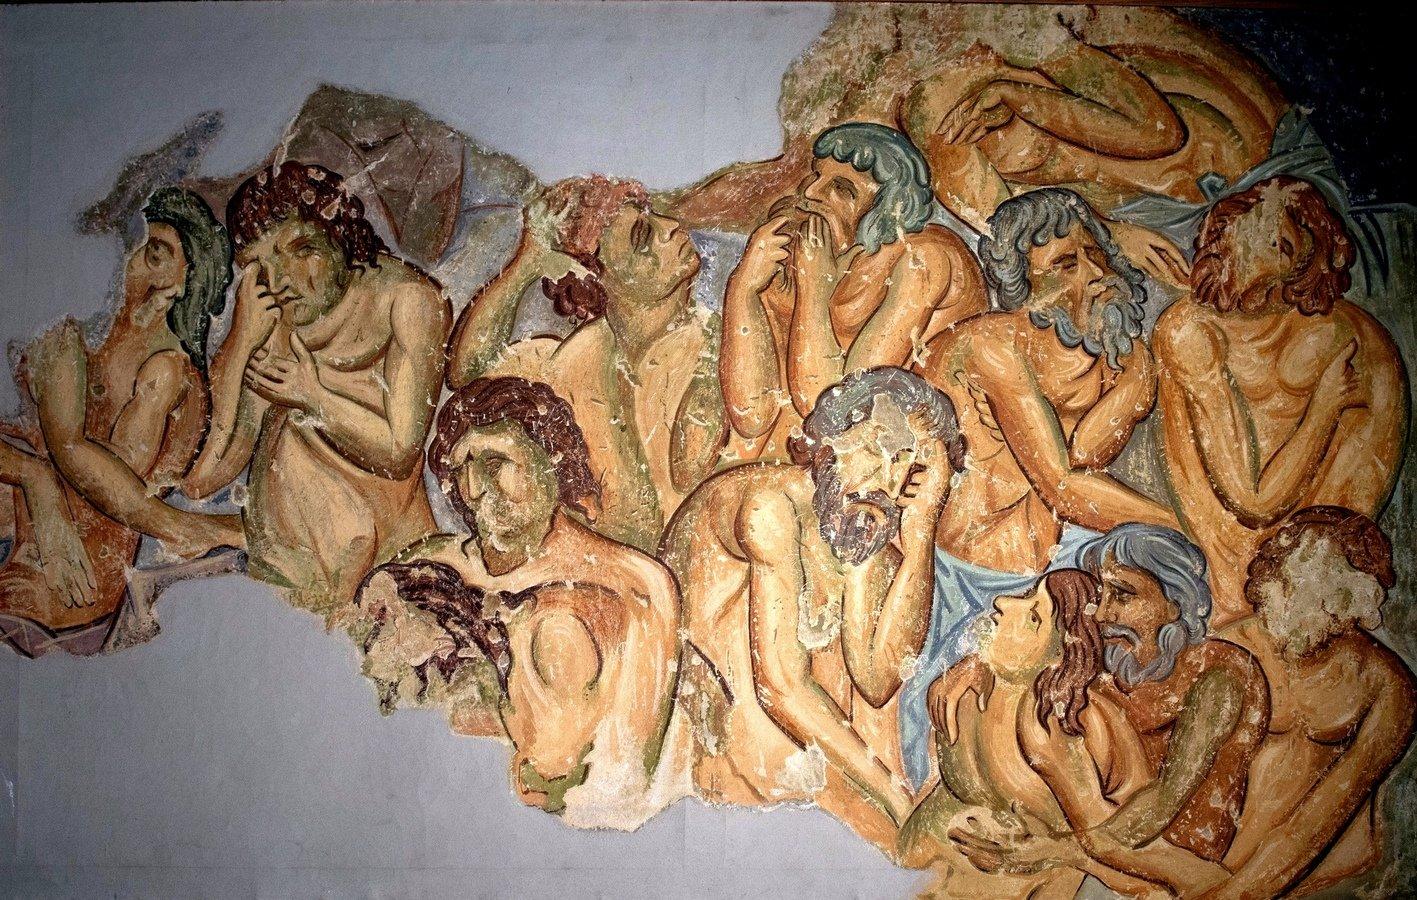 Святые Сорок Мучеников Севастийских. Фреска монастыря Святого Леонтия в Водоче, Македония. XI век.